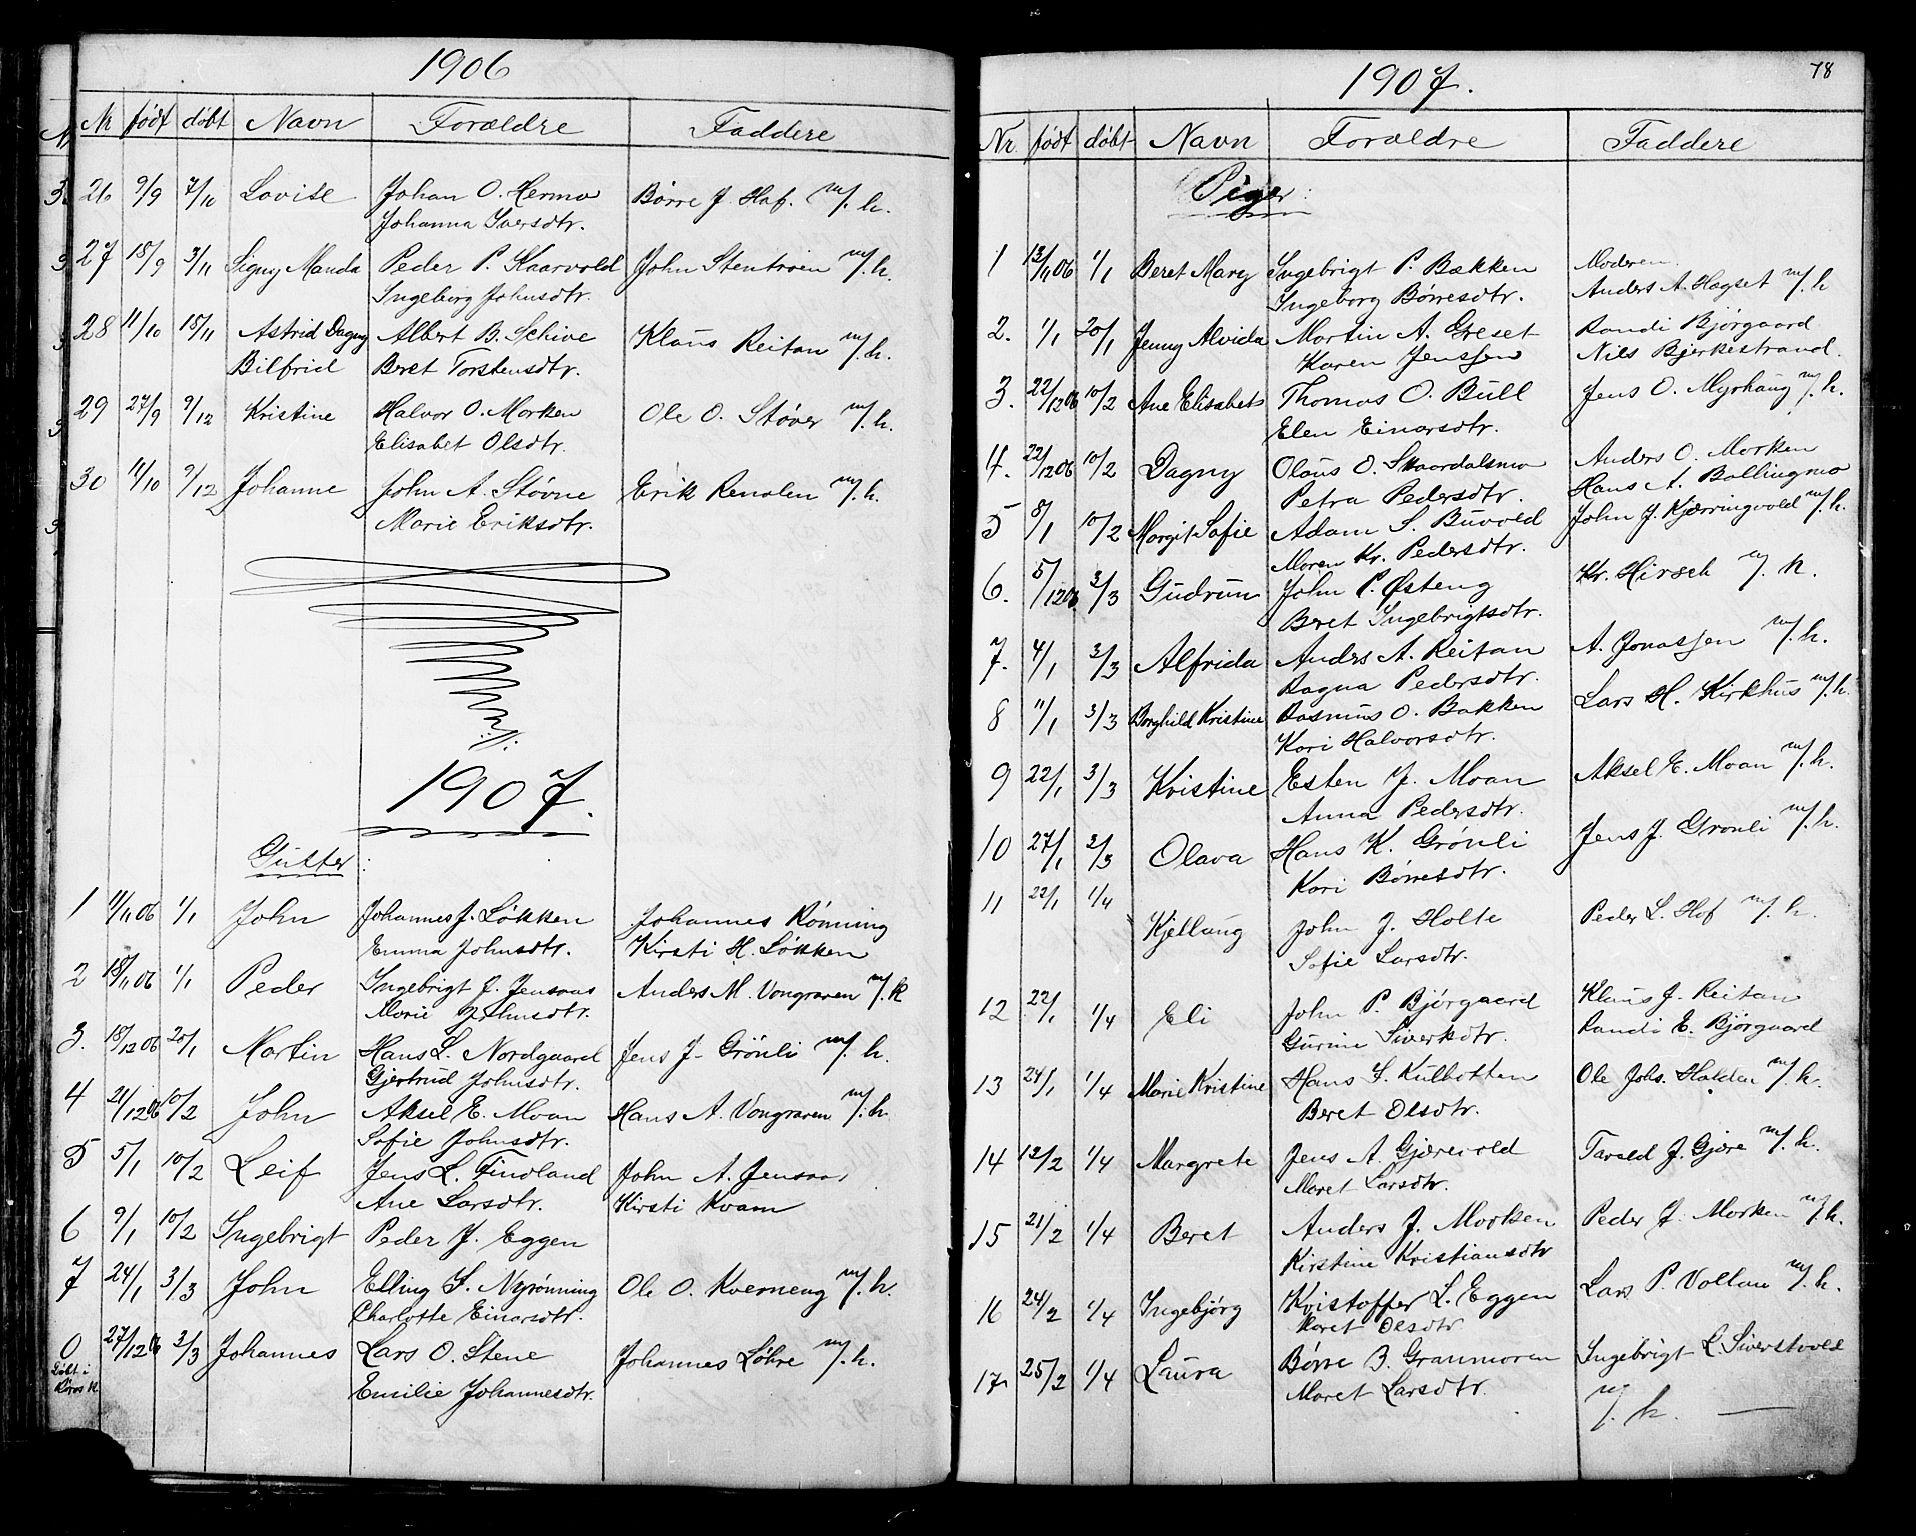 SAT, Ministerialprotokoller, klokkerbøker og fødselsregistre - Sør-Trøndelag, 686/L0985: Klokkerbok nr. 686C01, 1871-1933, s. 78